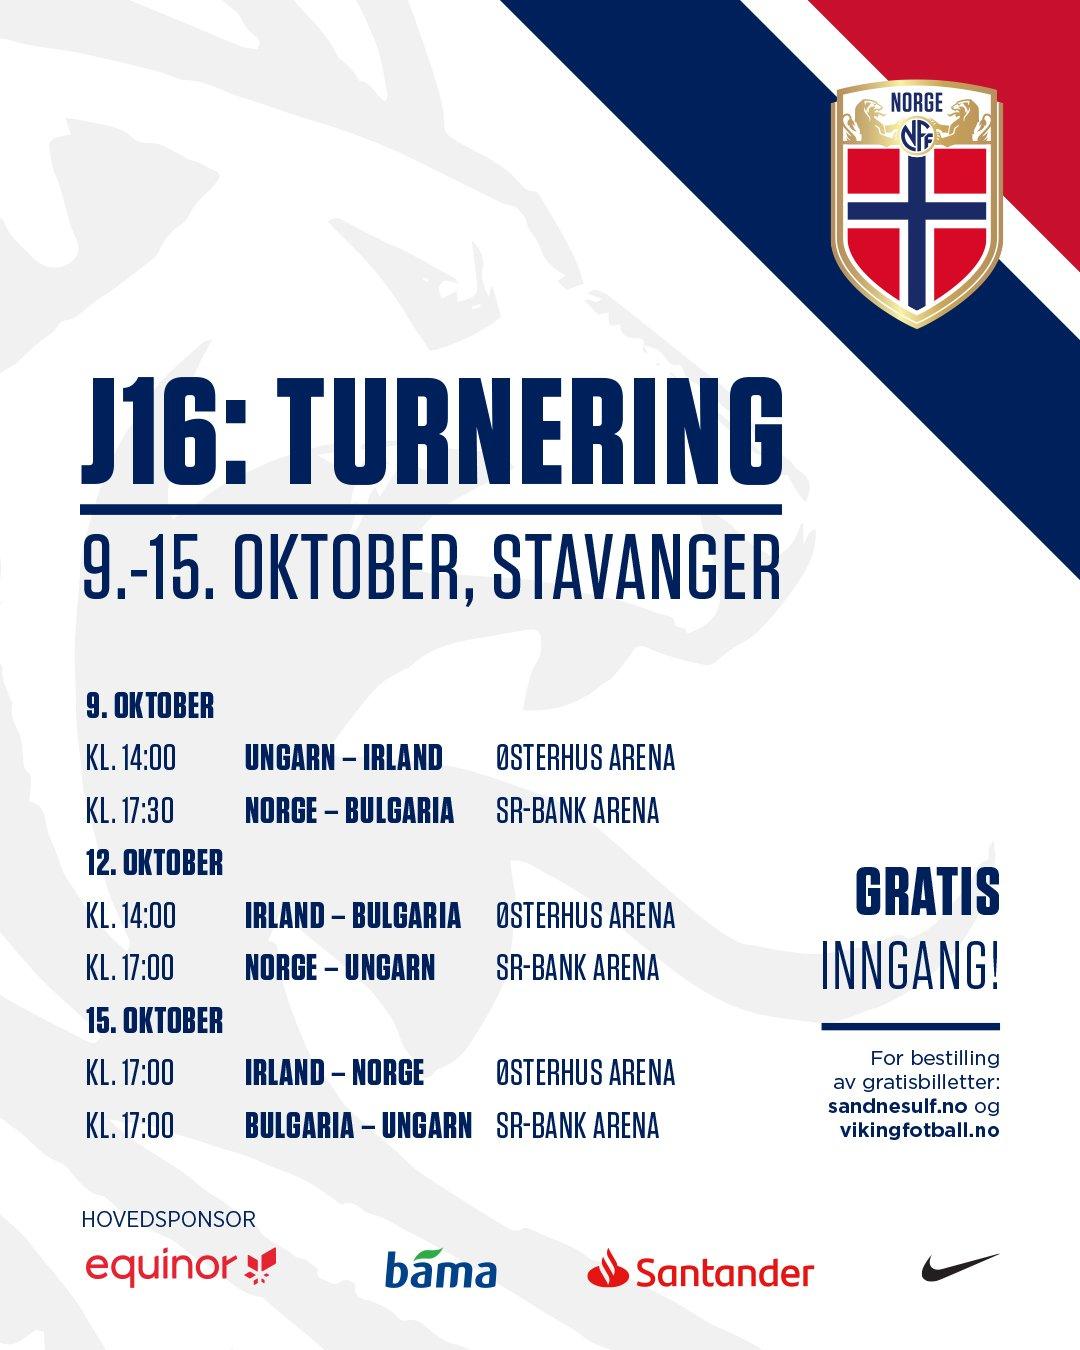 21_NFF_Aldersbestemte_J16_Stavanger_1080x1350_Godkjent_v.3.jpg